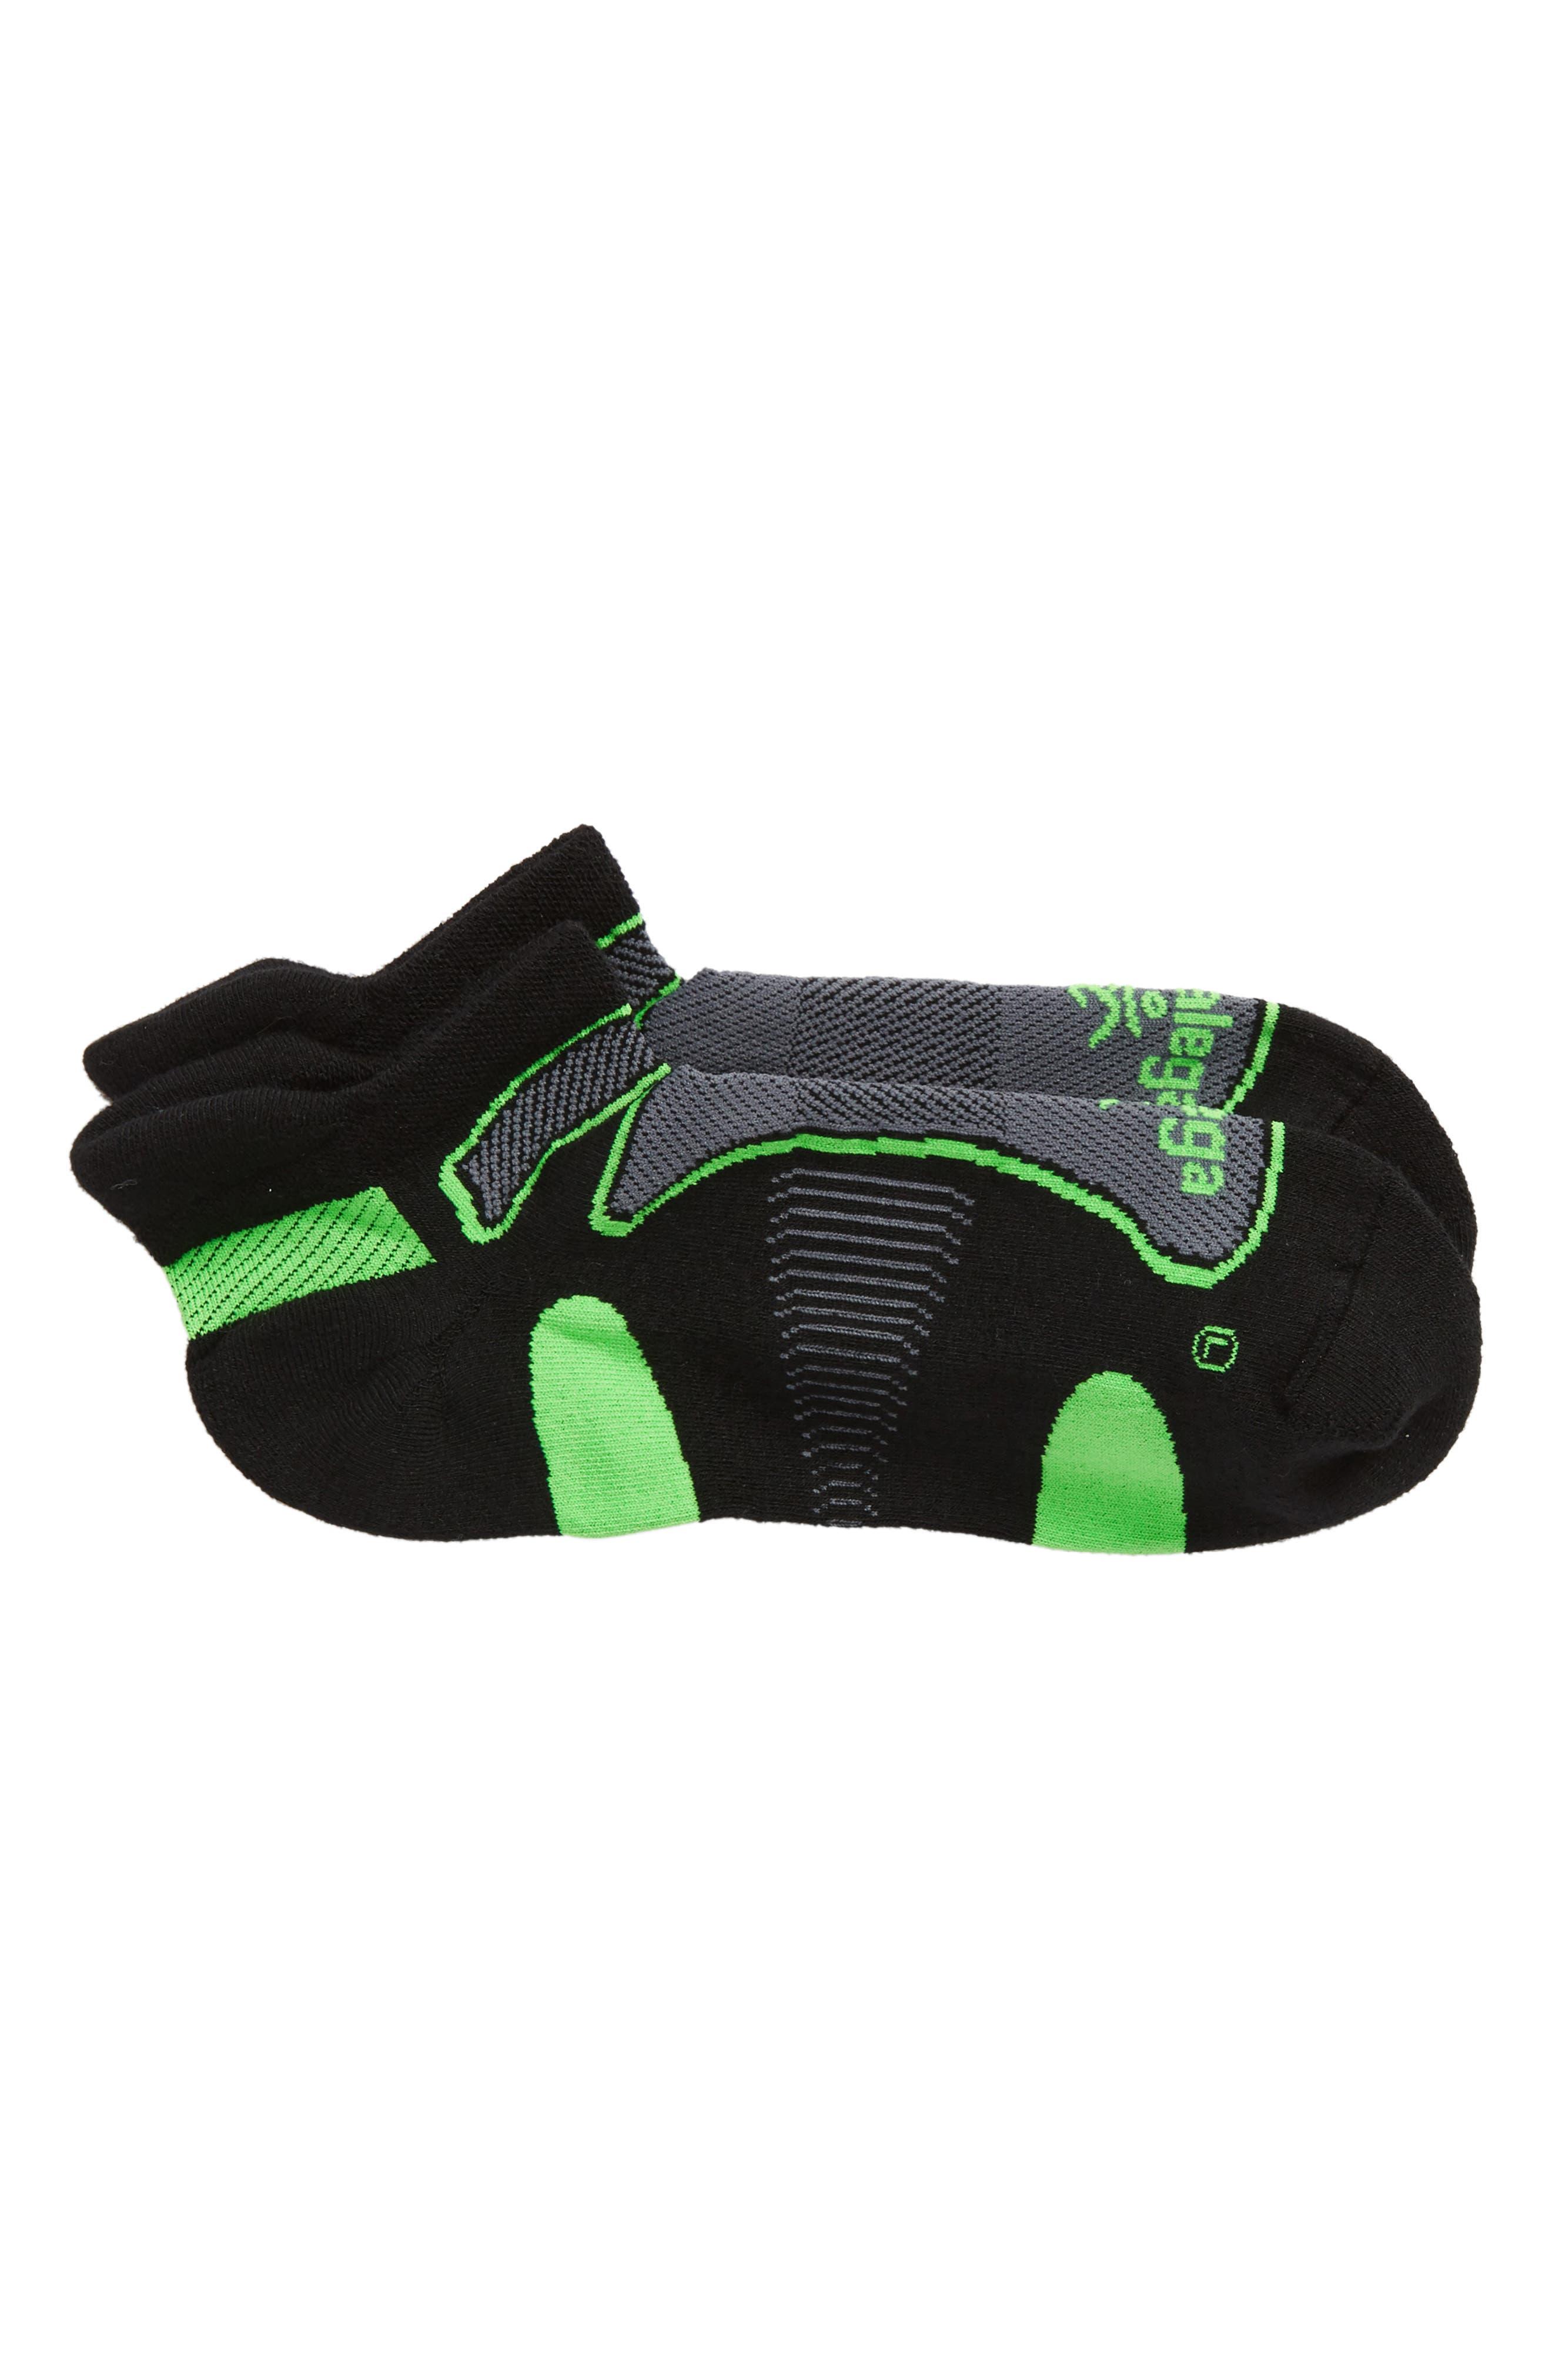 Ultra Light Socks,                             Main thumbnail 1, color,                             Black/ Lime